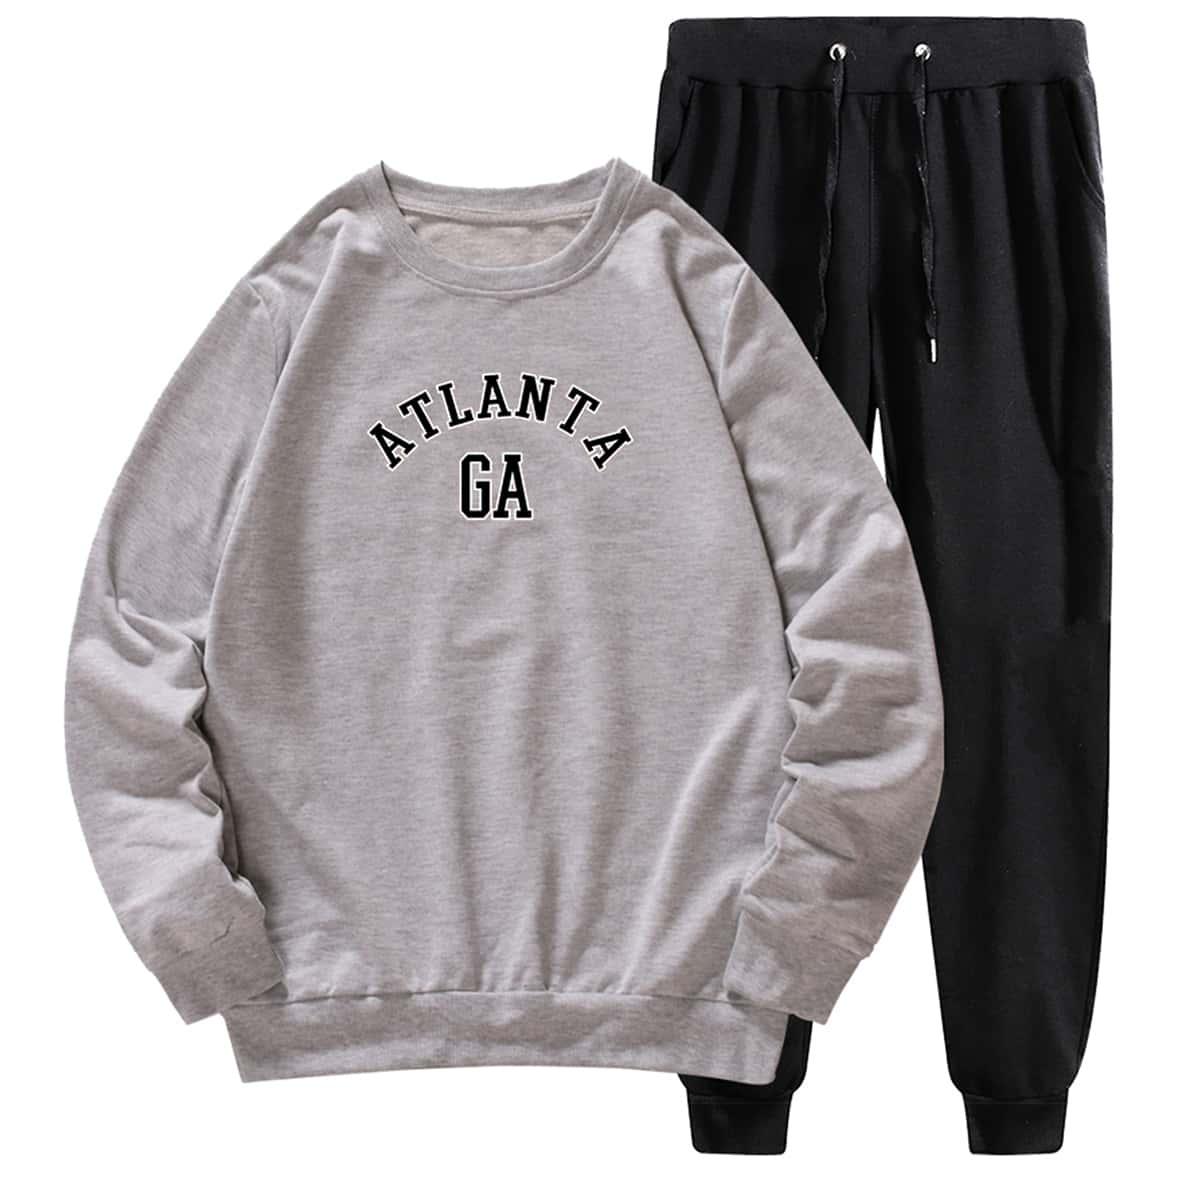 Мужской свитшот с текстовым принтом и спортивные брюки на кулиске